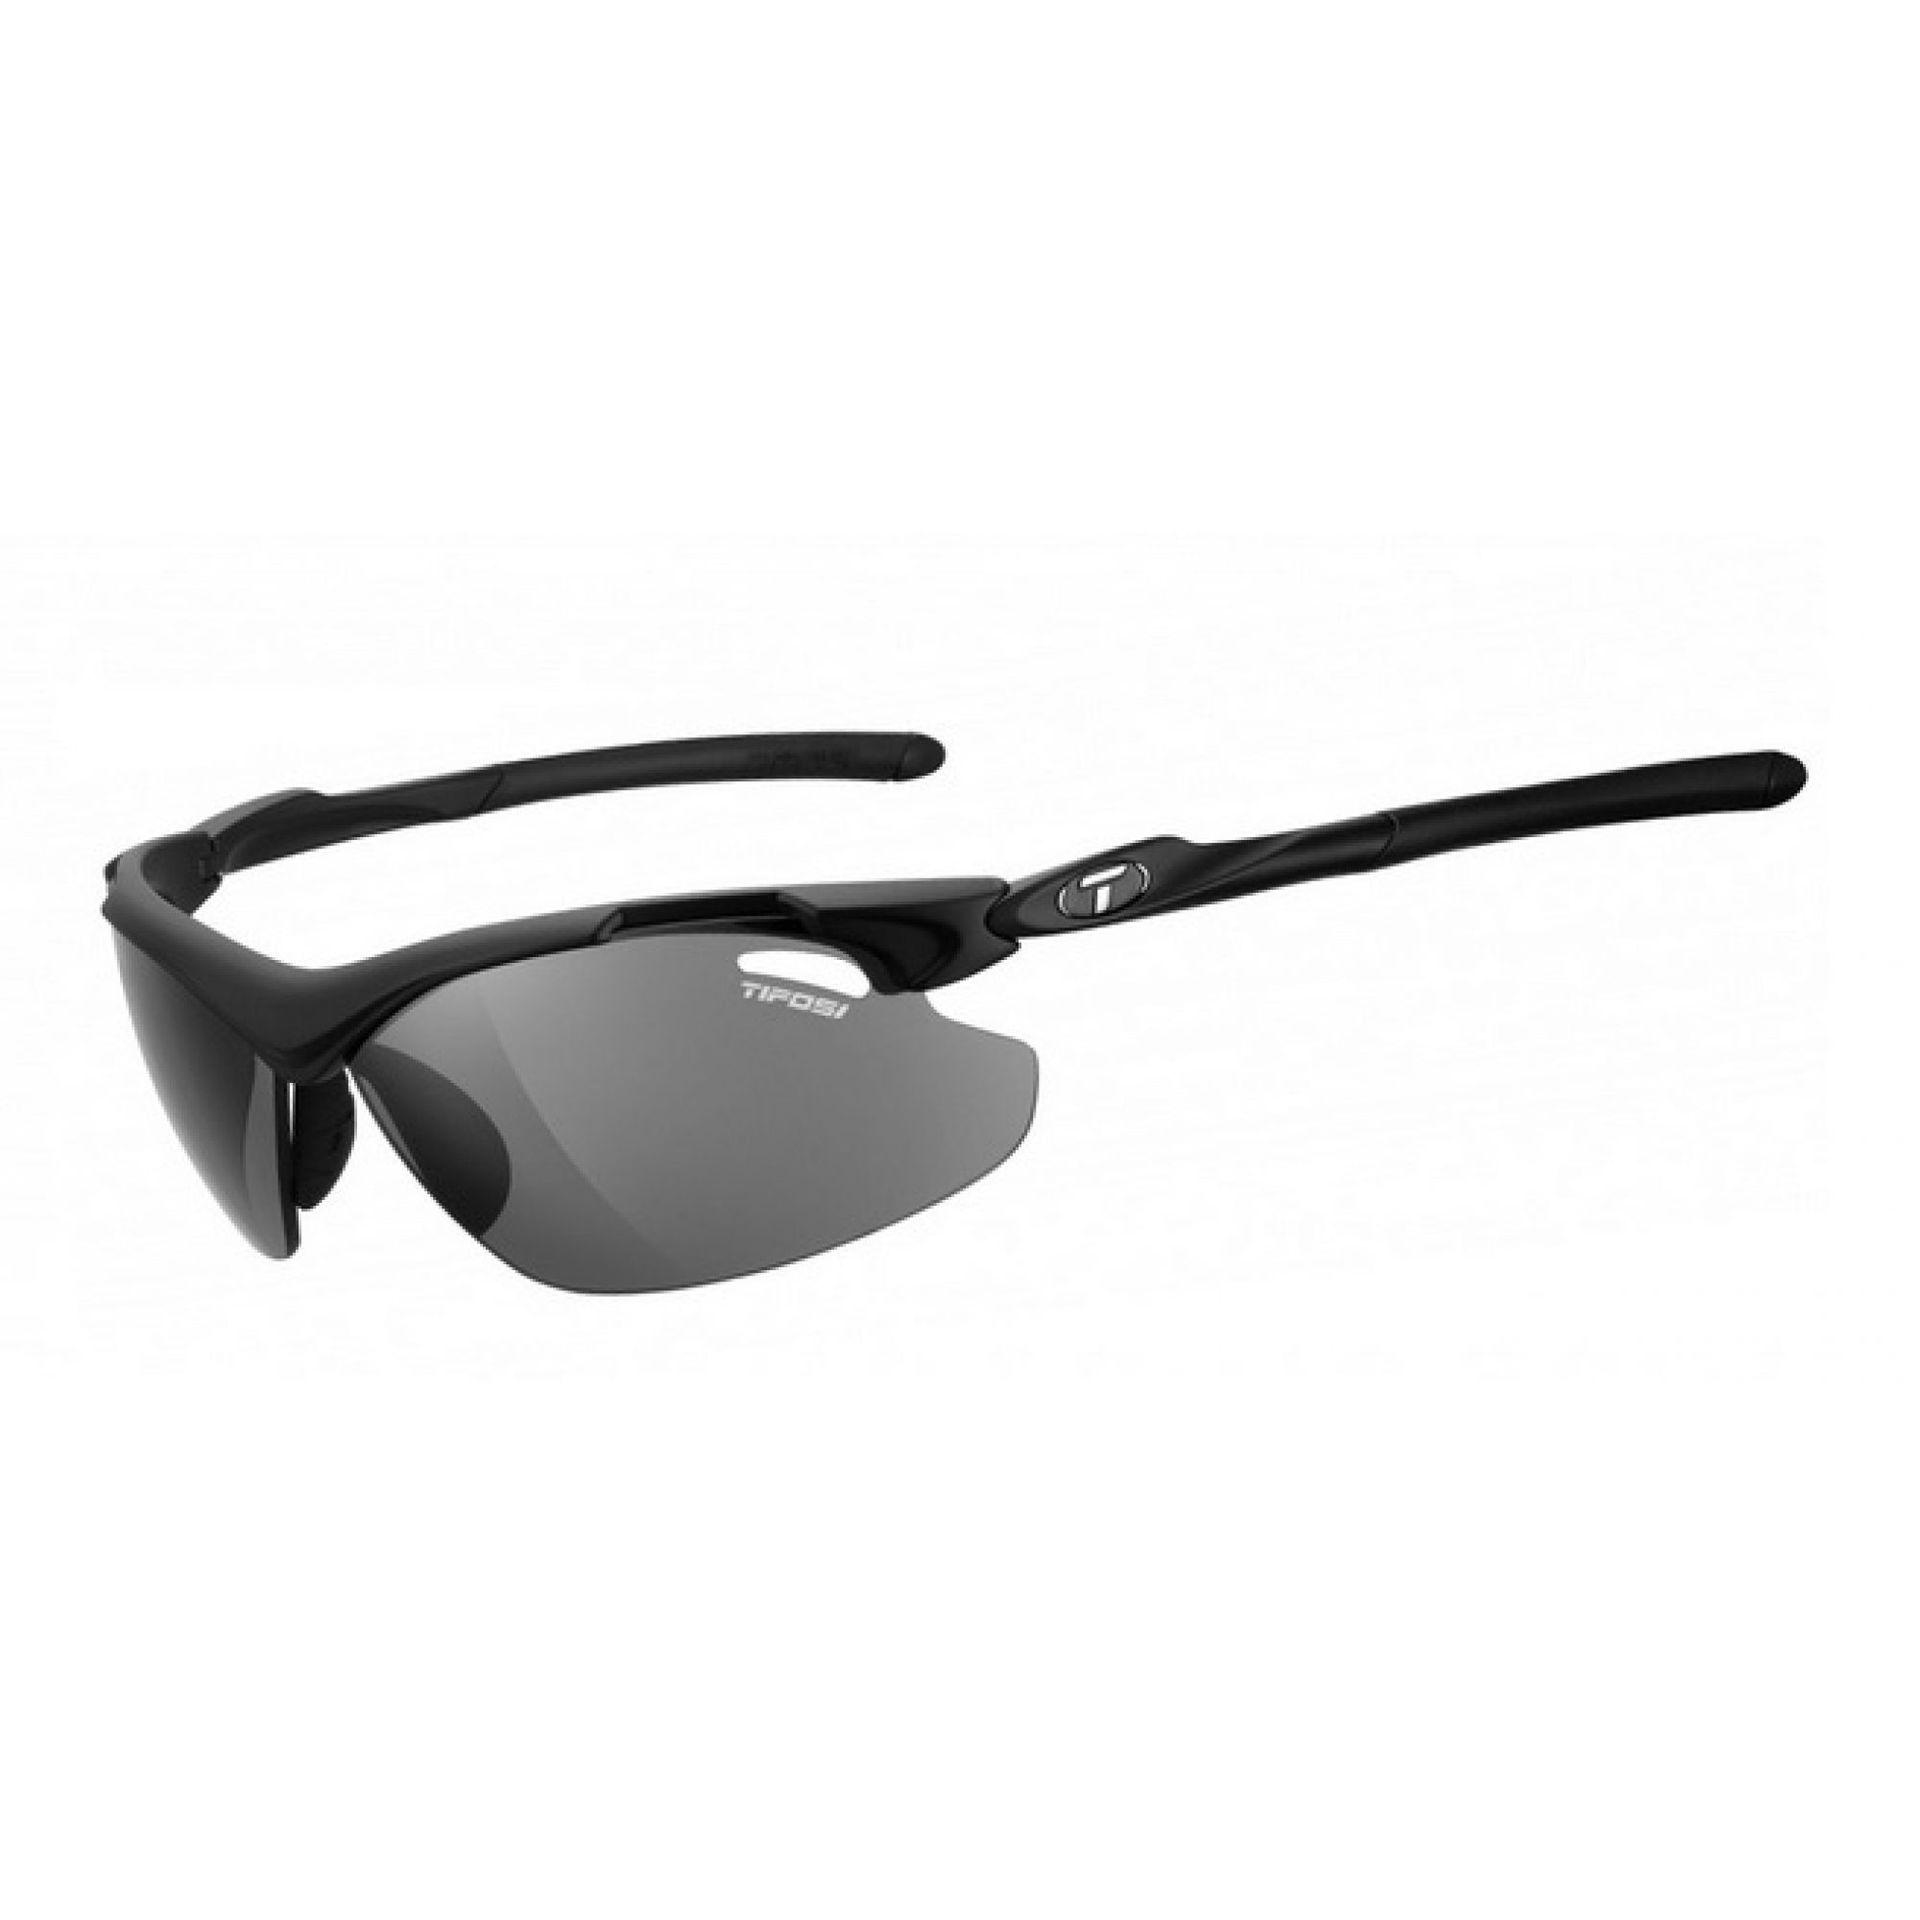 Okulary Tifosi Tyrant 2.0 matte black